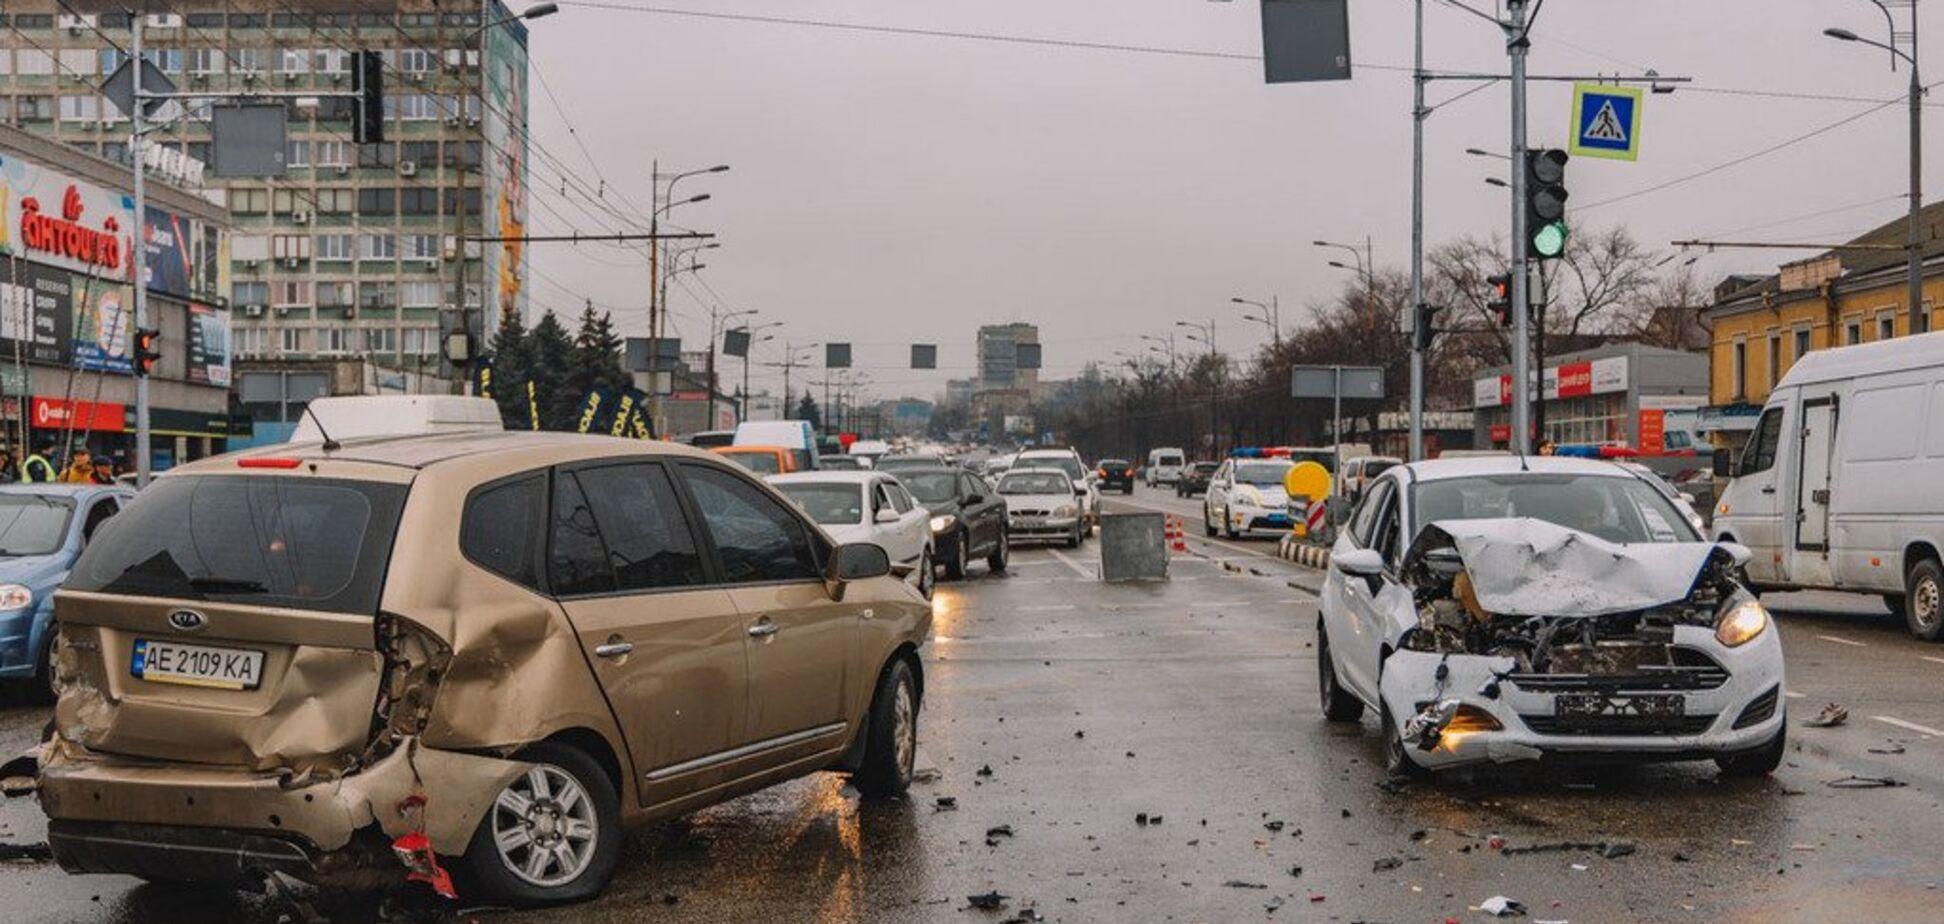 Авто вылетело на встречку: появилось видео с моментом аварии, парализовавшей Днепр